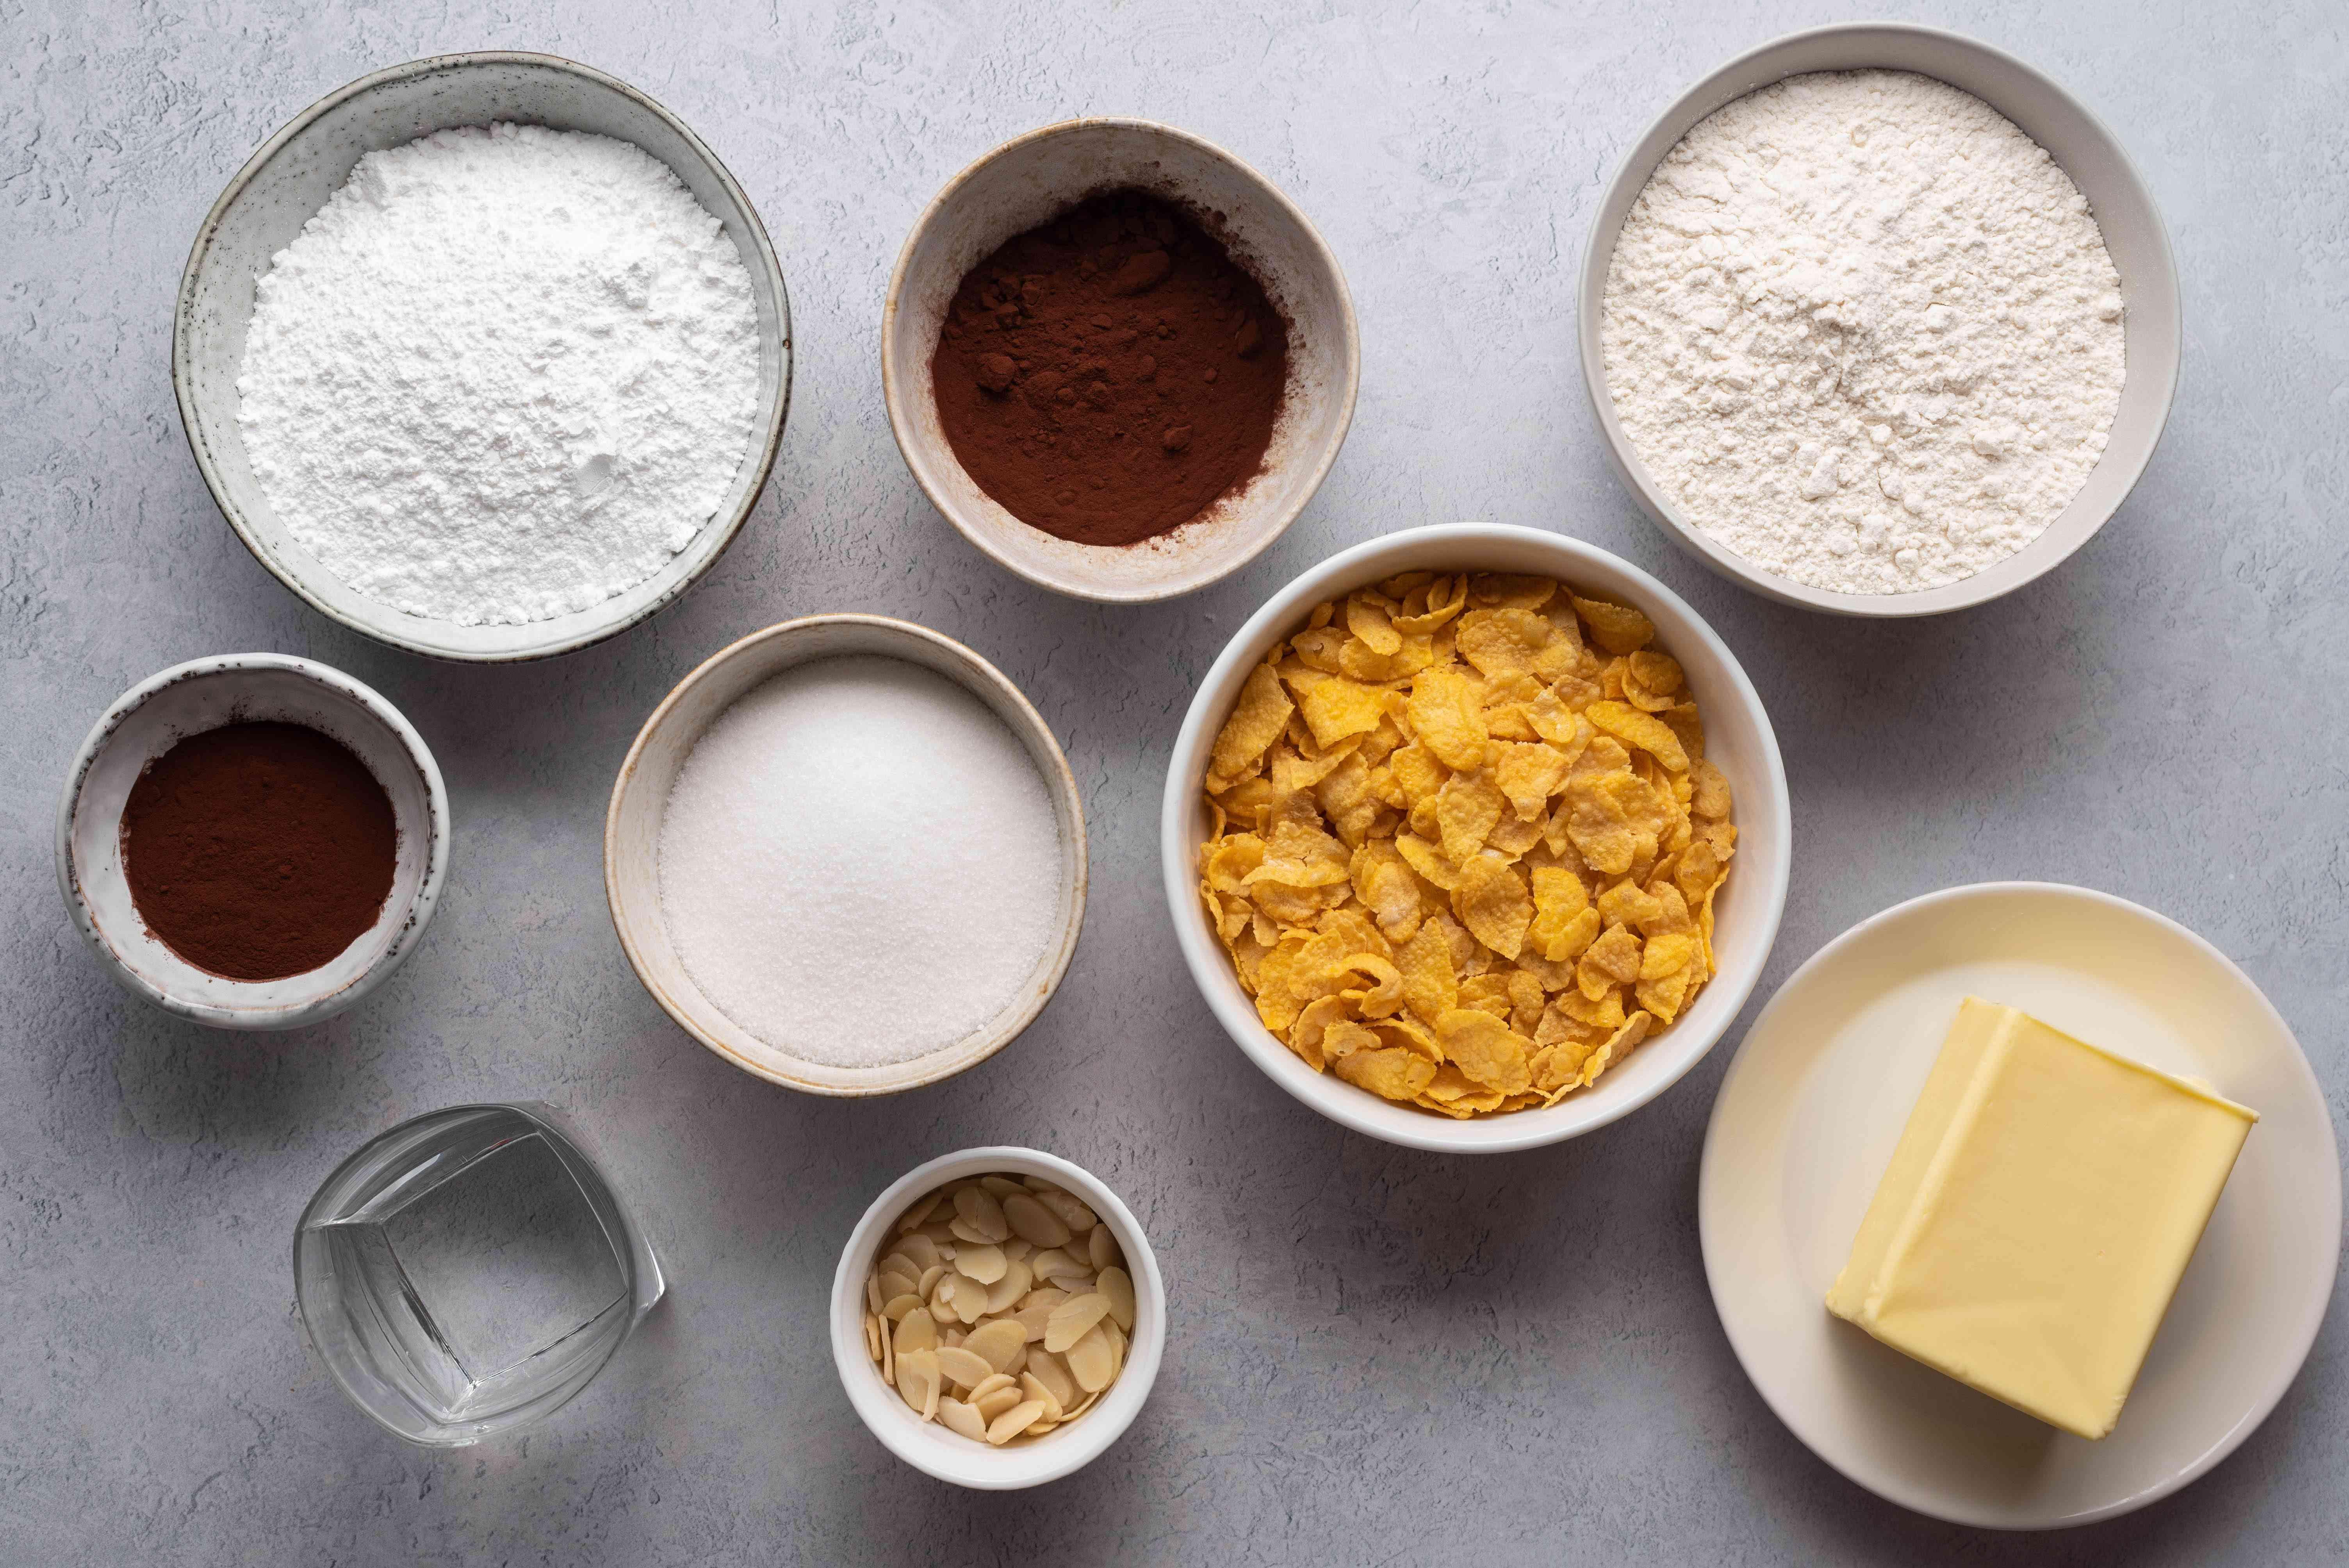 New Zealand Afghan Biscuit/Cookie ingredients